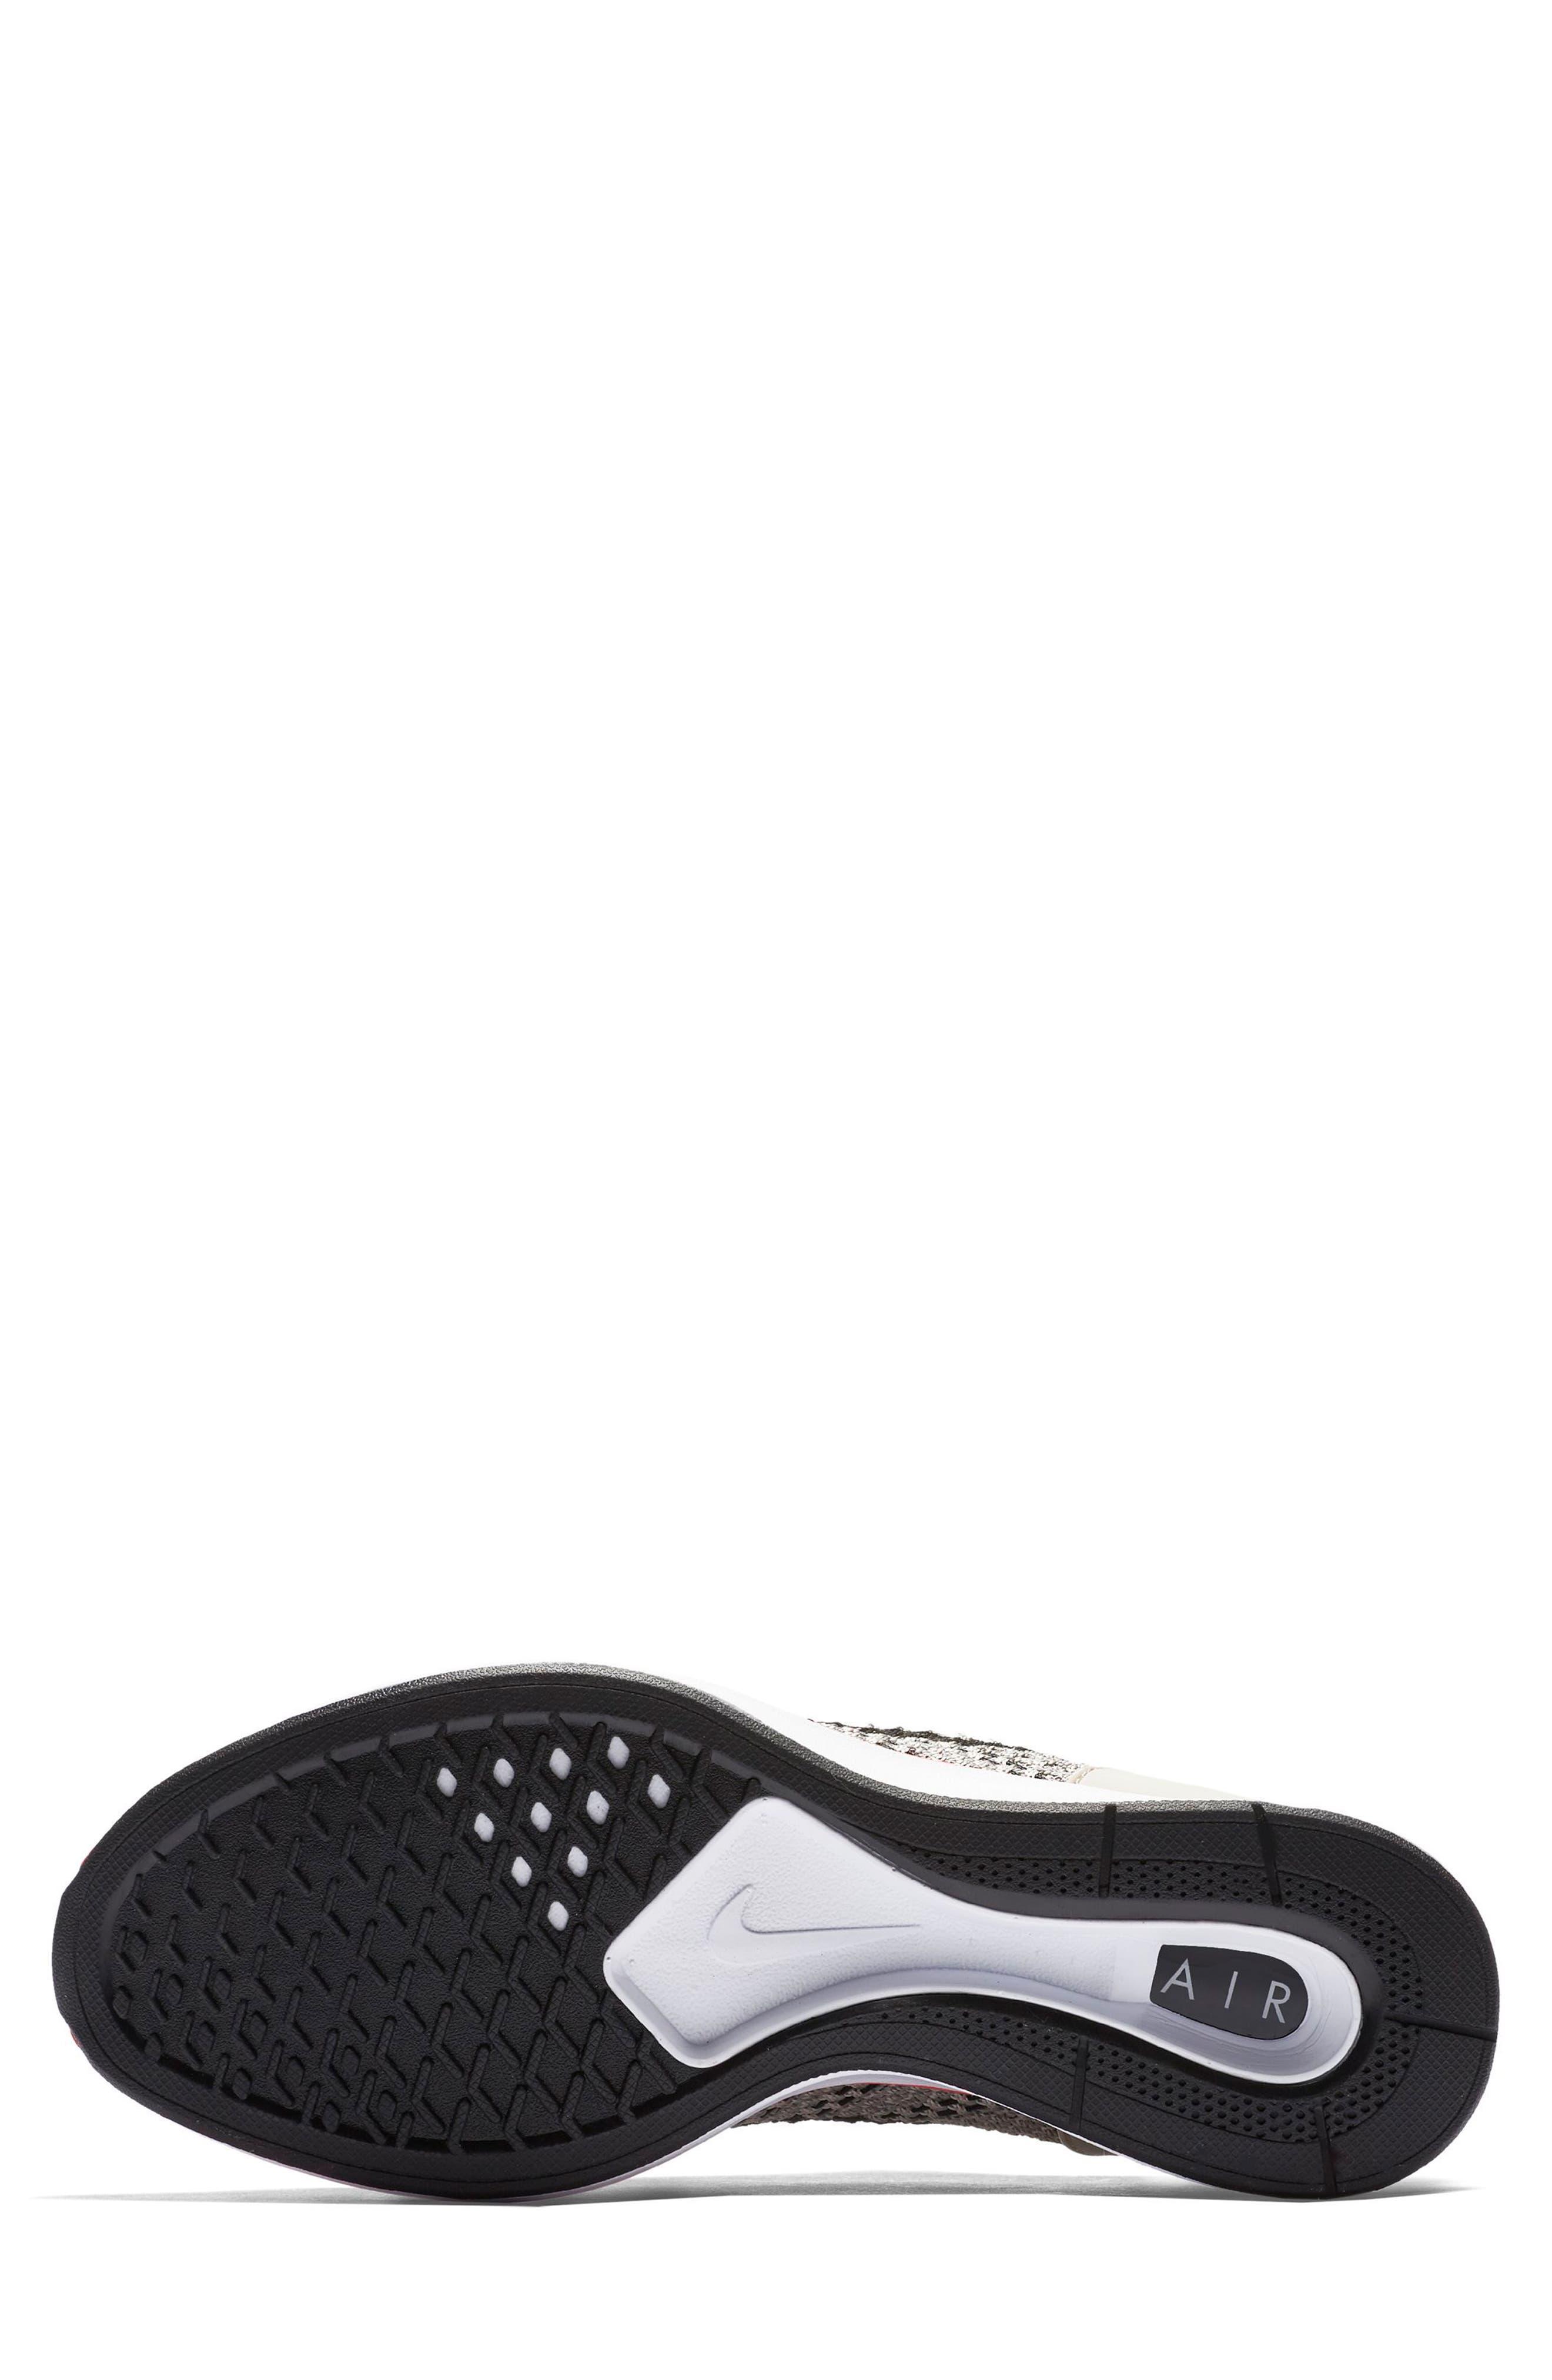 Air Zoom Mariah Flyknit Racer Sneaker,                             Alternate thumbnail 5, color,                             String/ Black/ White